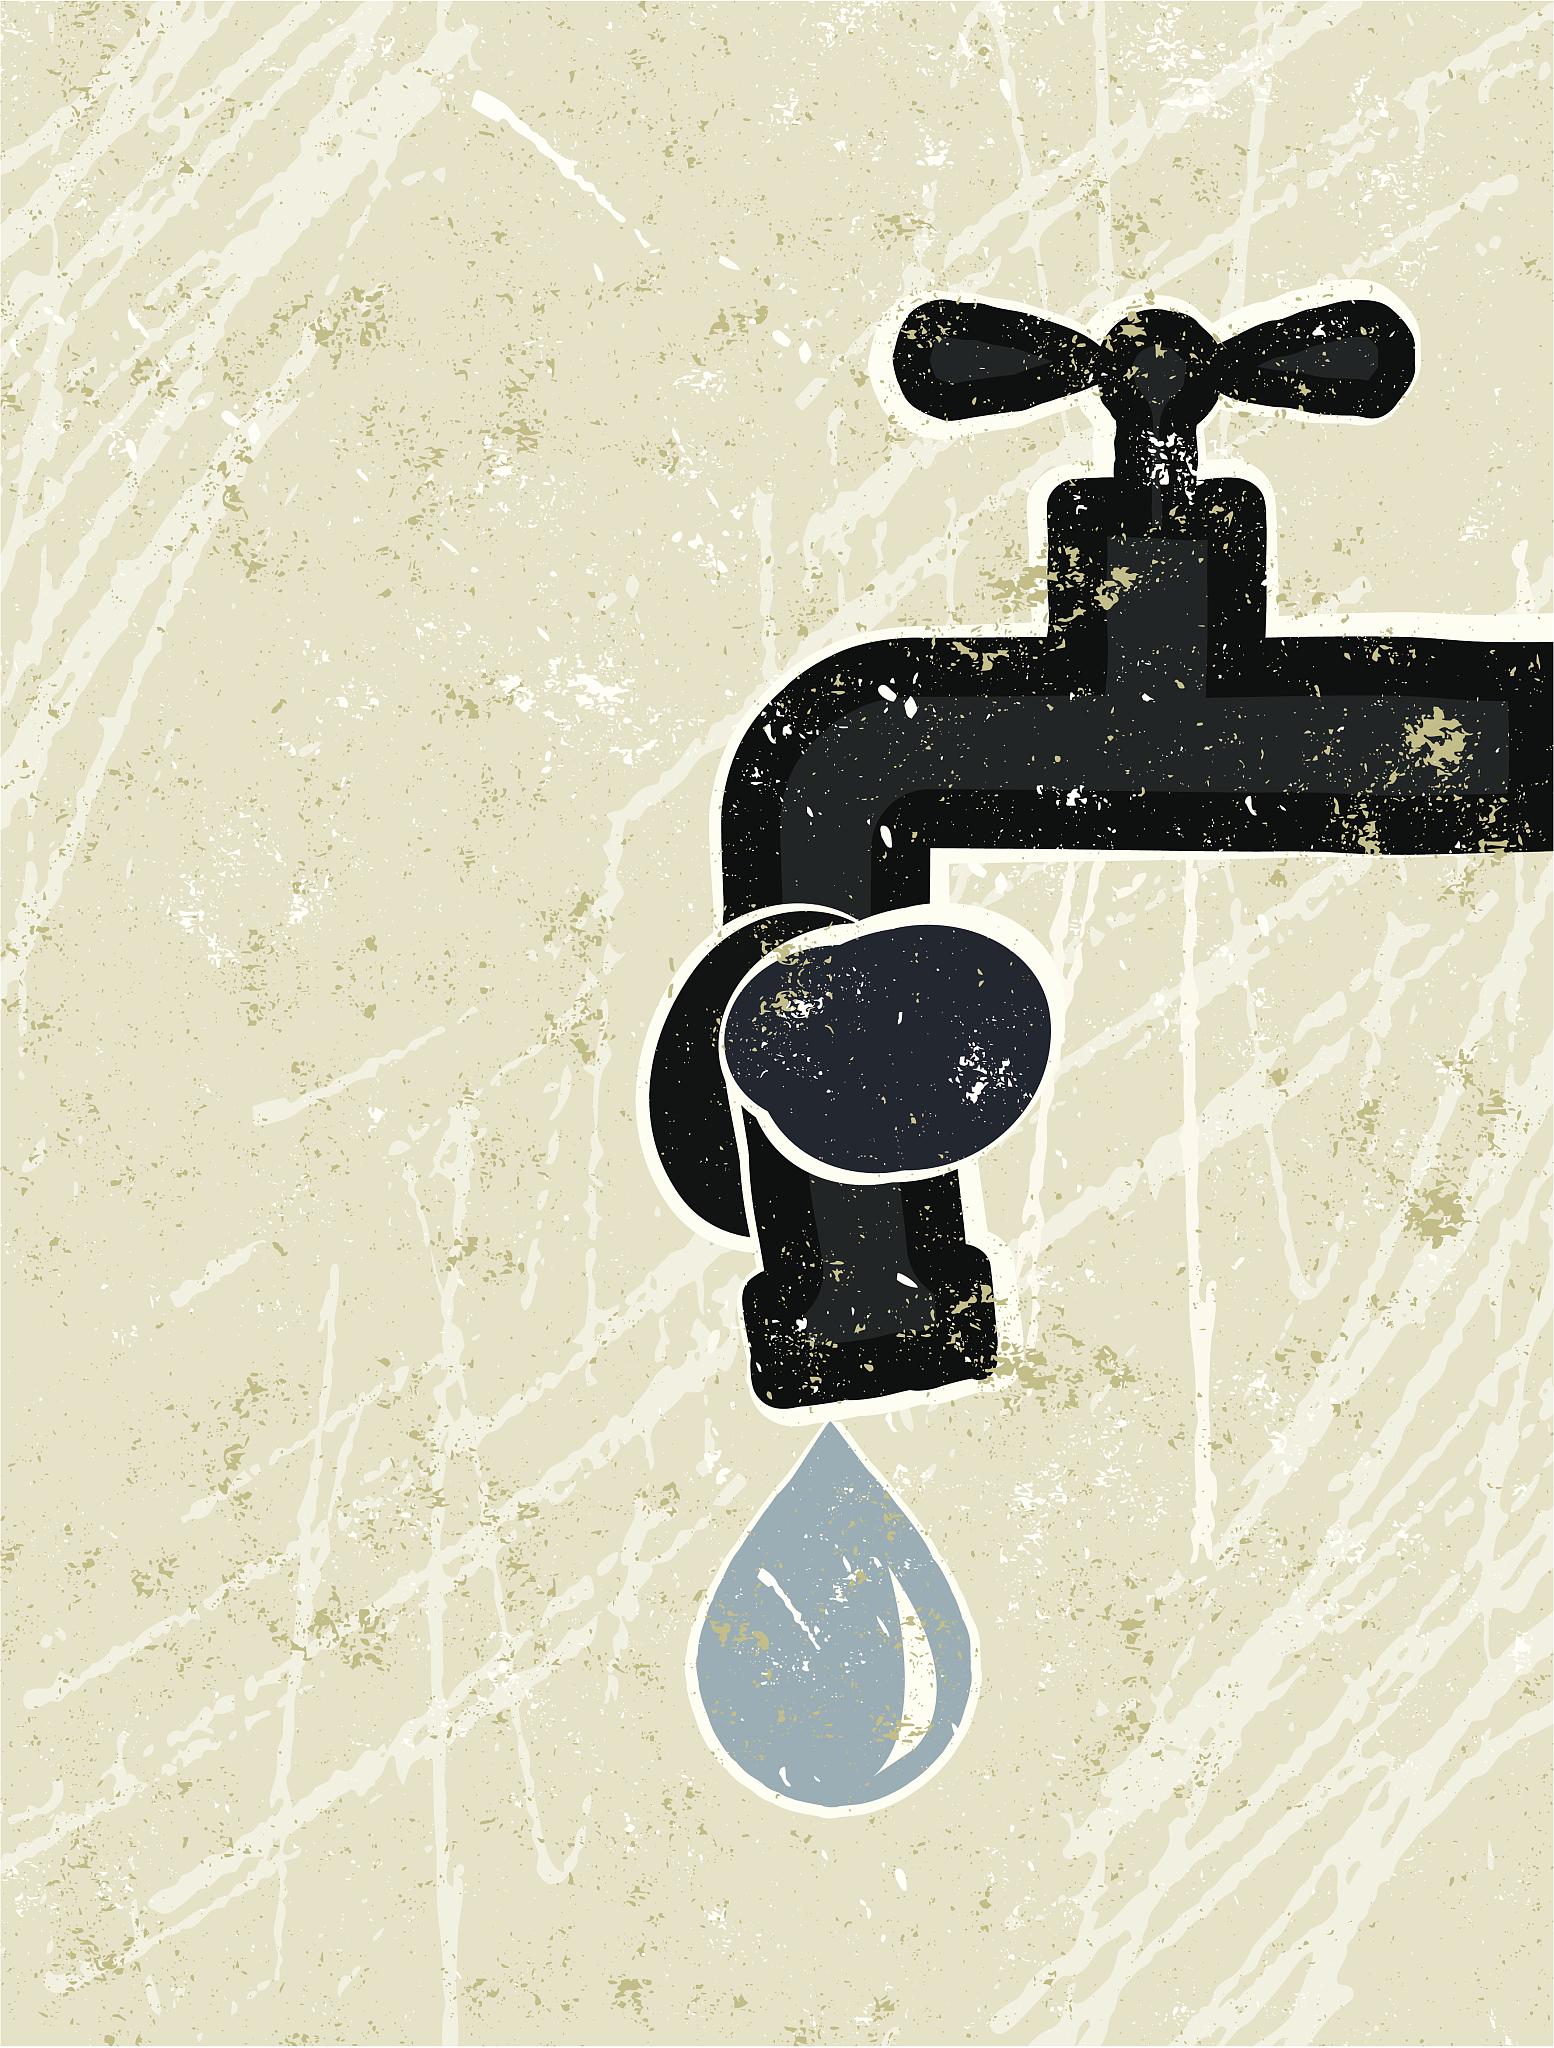 因轨道交通 3 号线施工 8 月 1 日贵阳这些地方将停水